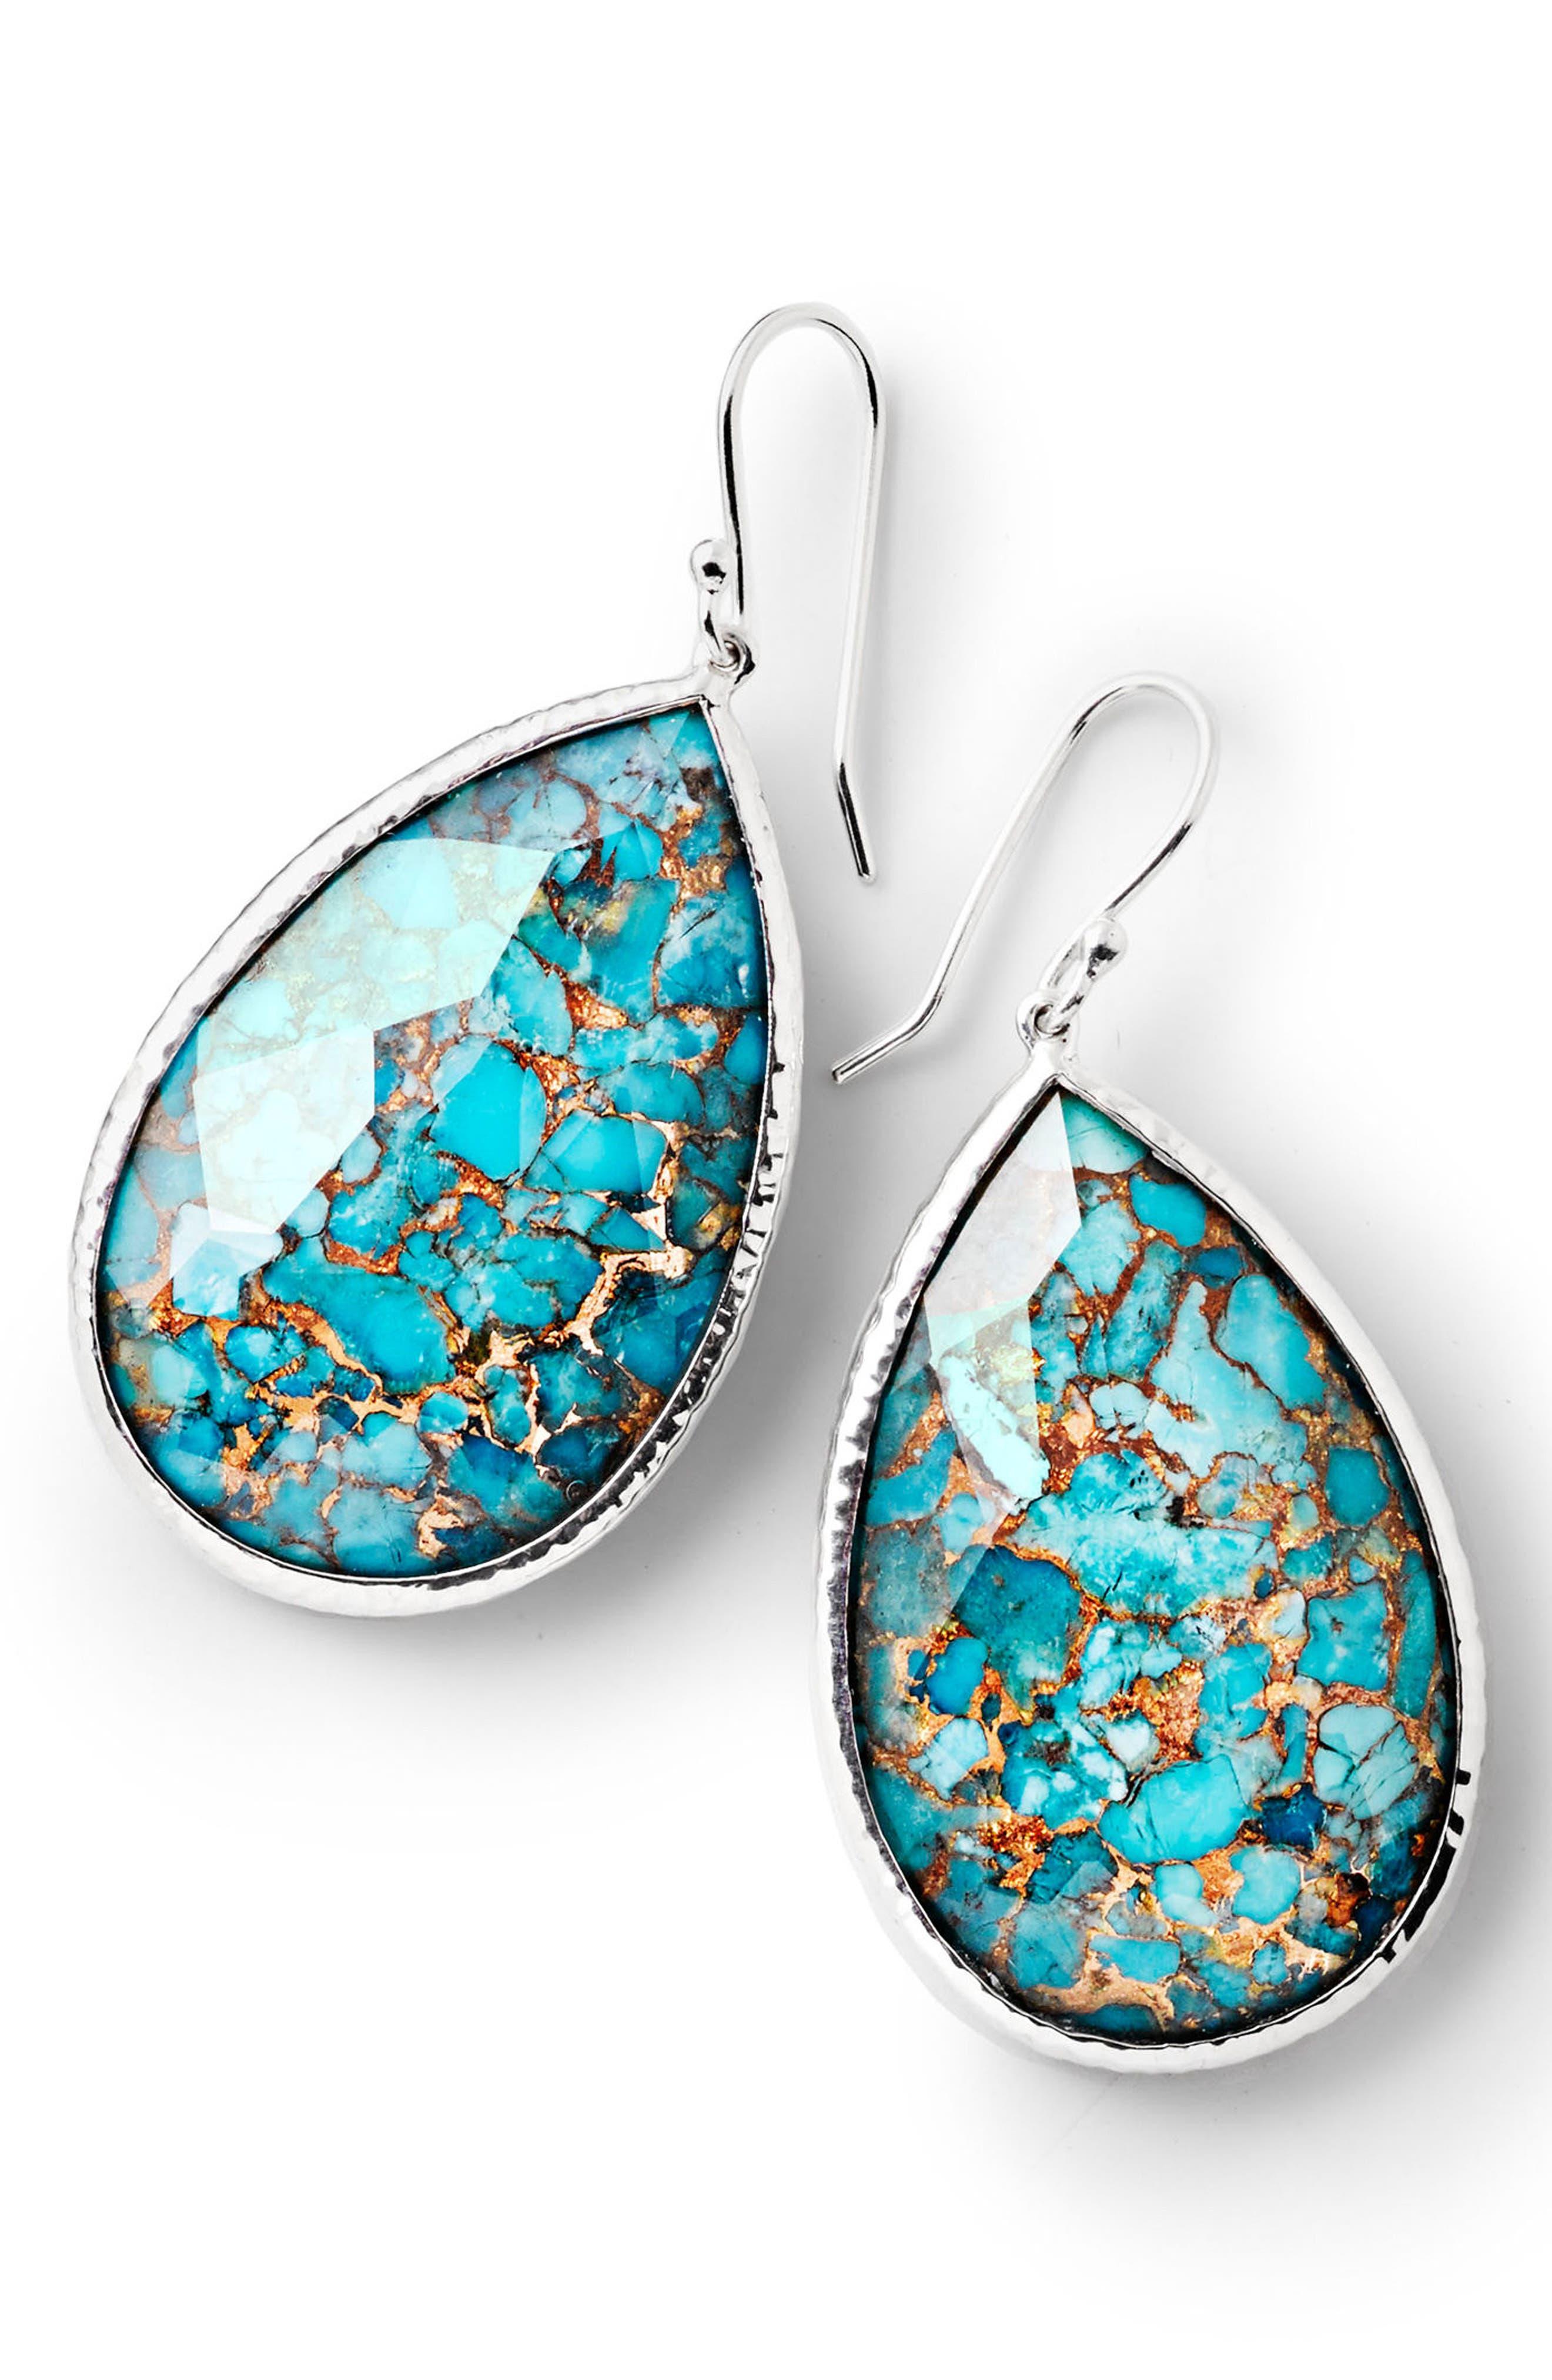 Ippolita Rock Candy Large Teardrop Earrings